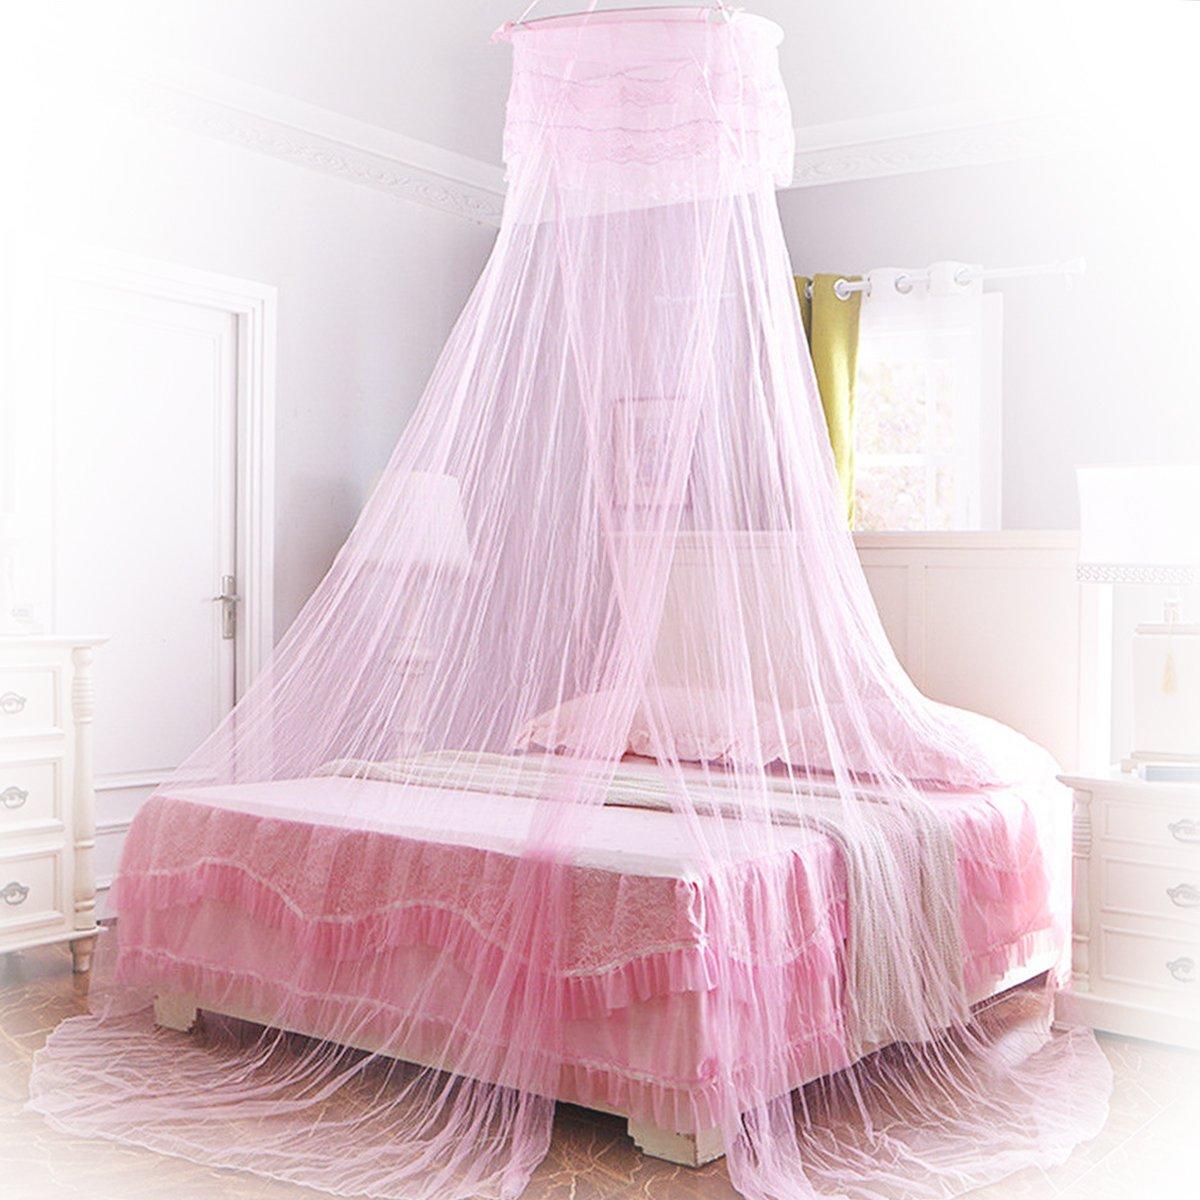 ll accessoires wc stickers abattant wc guide d achat classement tests et avis. Black Bedroom Furniture Sets. Home Design Ideas